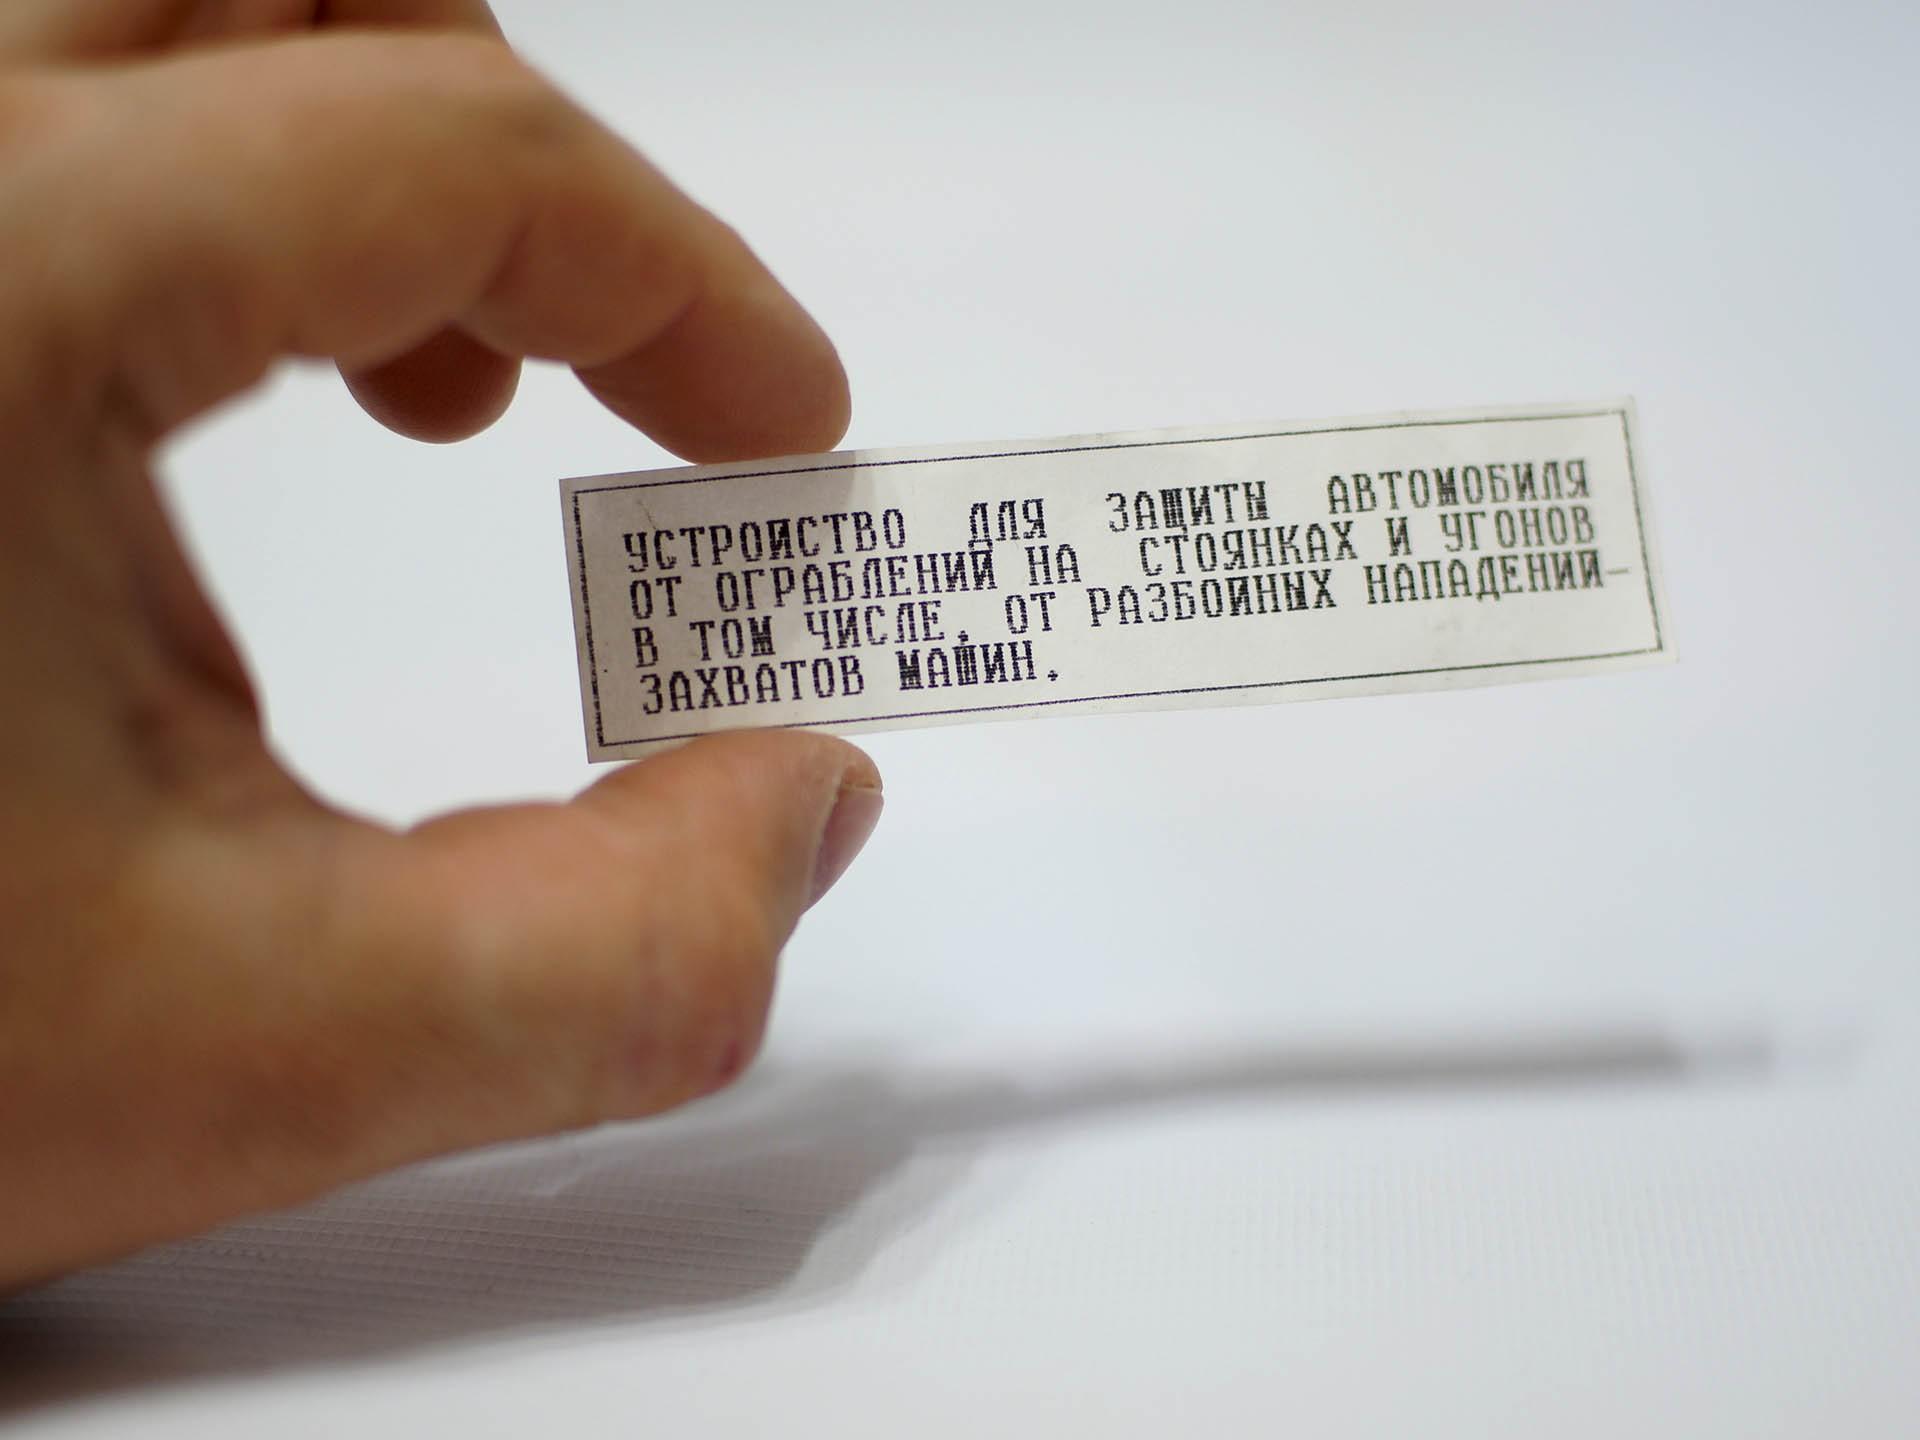 СУПЕР-И против угона и даже разбоя: тестируем первый советский иммобилайзер